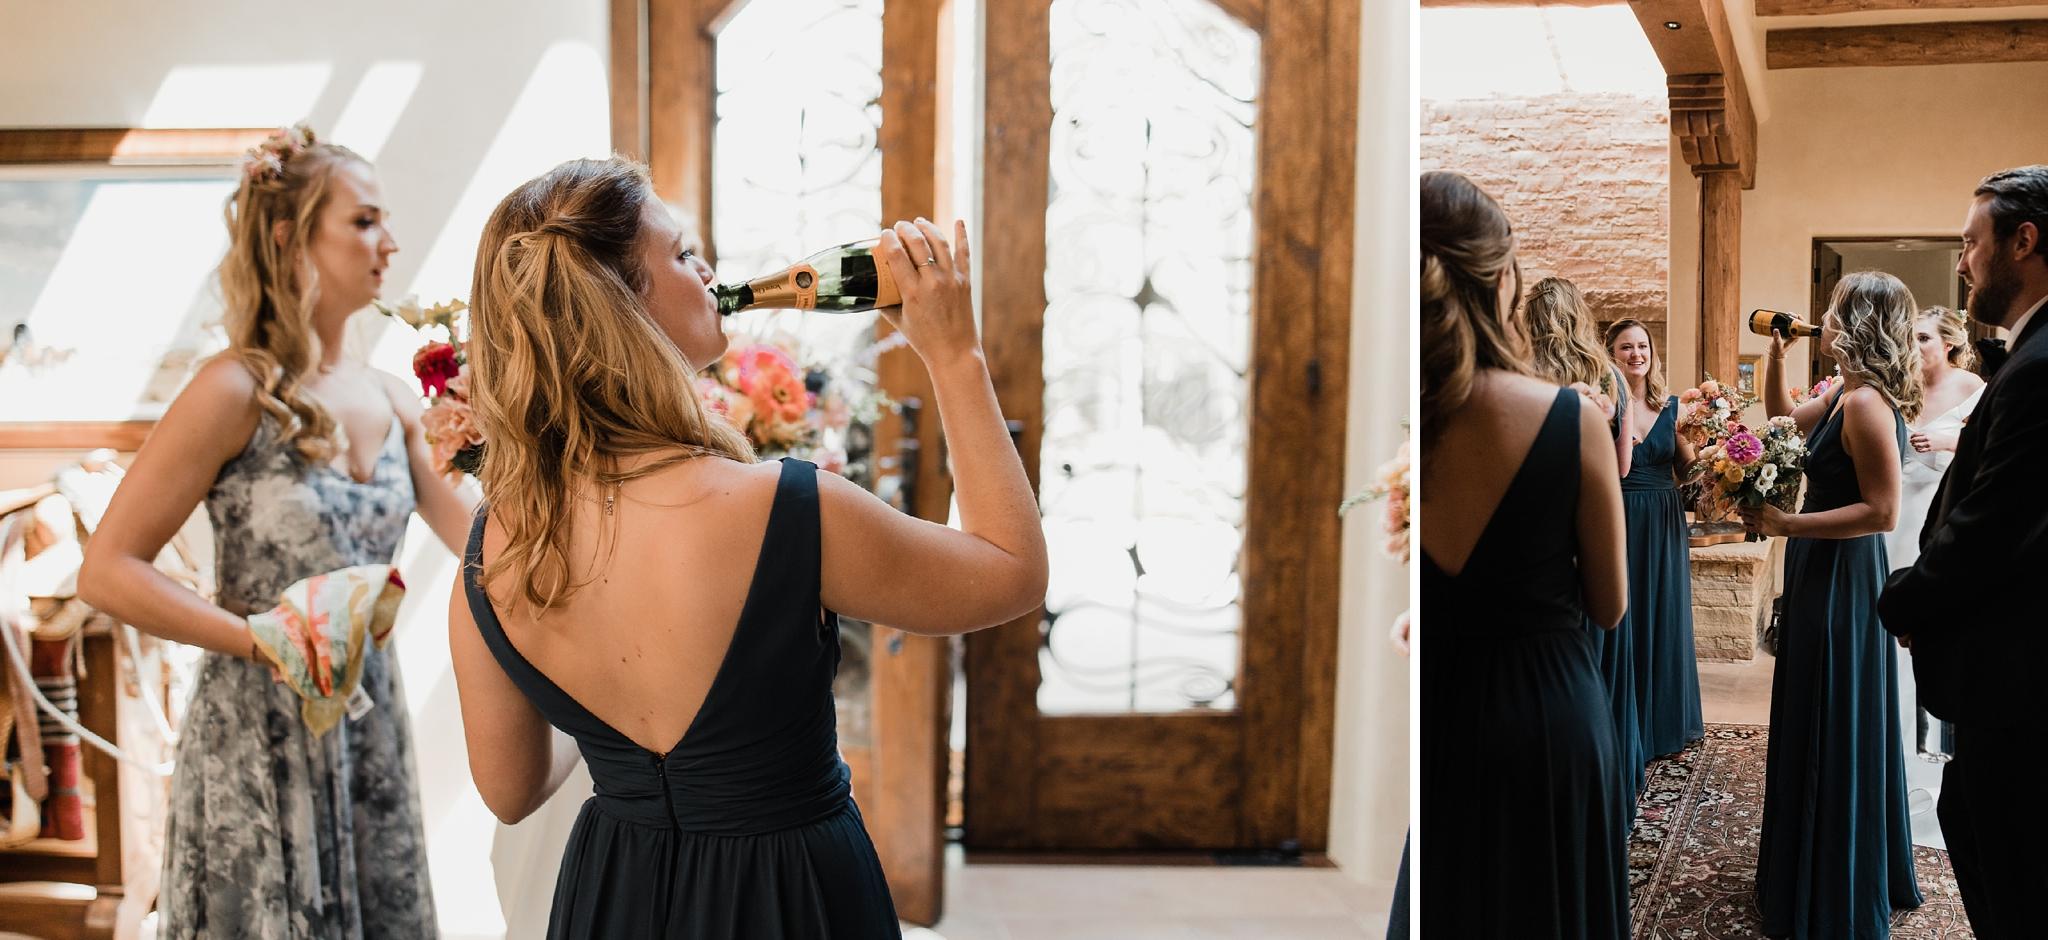 Alicia+lucia+photography+-+albuquerque+wedding+photographer+-+santa+fe+wedding+photography+-+new+mexico+wedding+photographer+-+new+mexico+wedding+-+las+campanas+wedding+-+santa+fe+wedding+-+maximalist+wedding+-+destination+wedding_0037.jpg